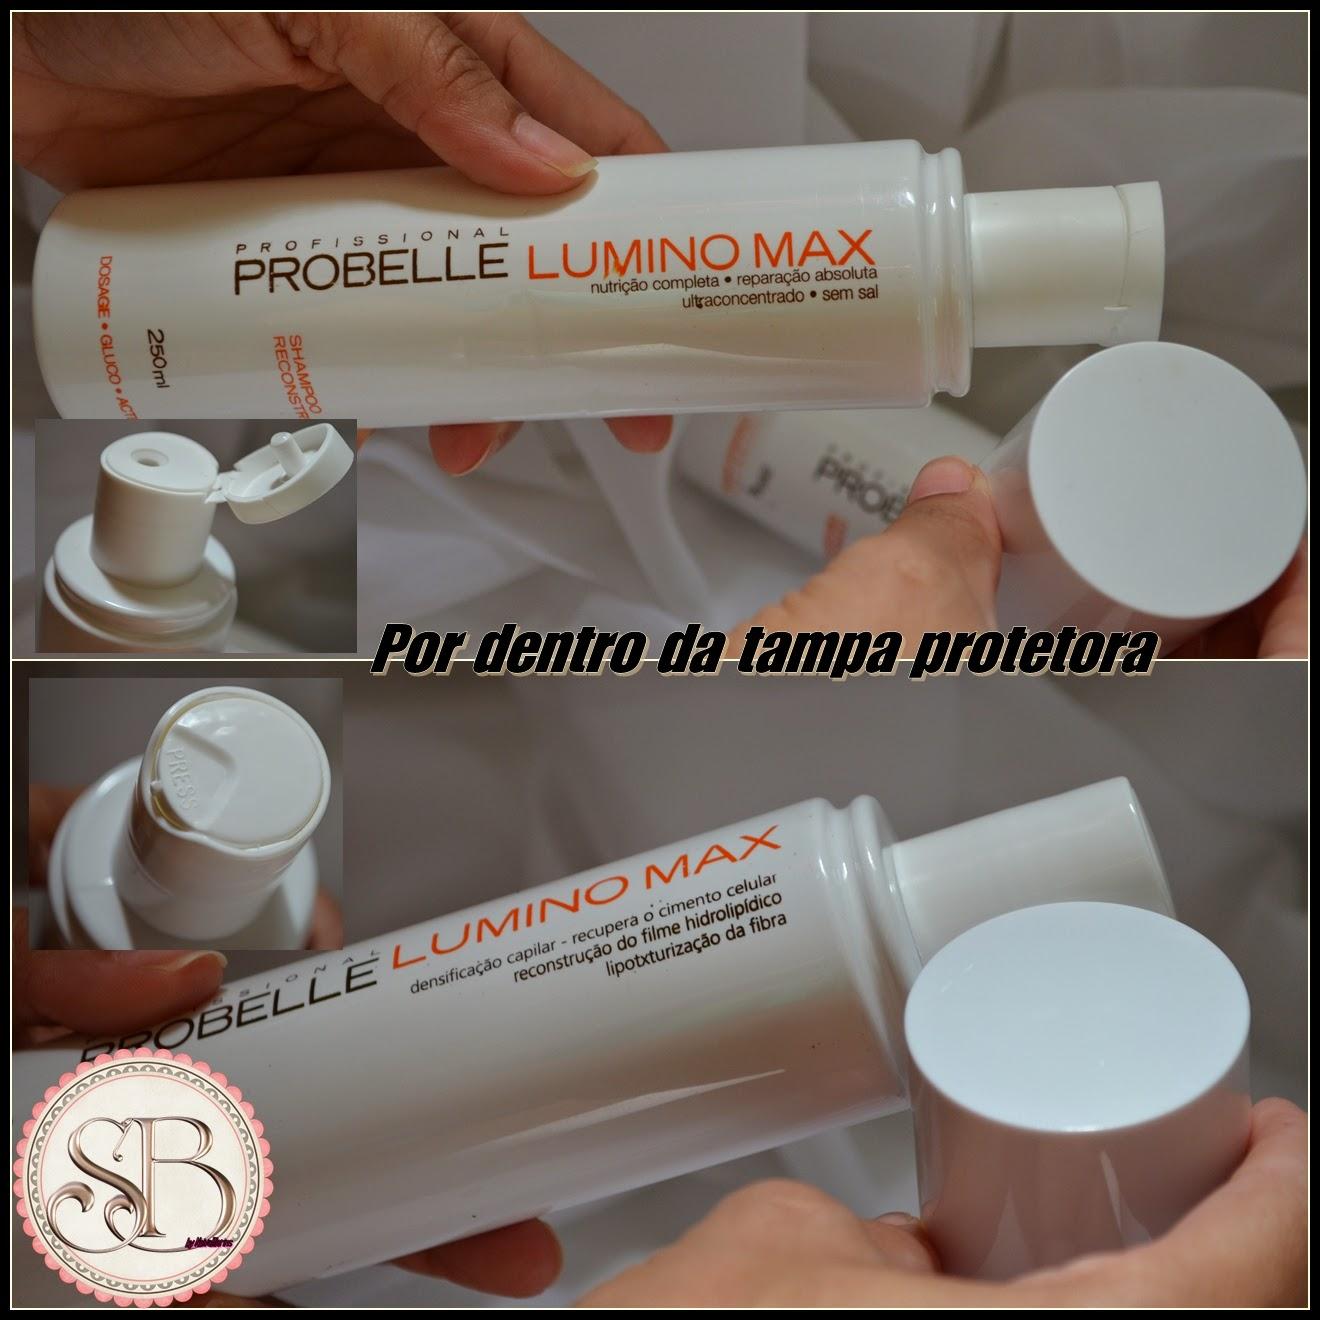 Somando Beleza, Probelle Luminos Max, Joy Perfumaria